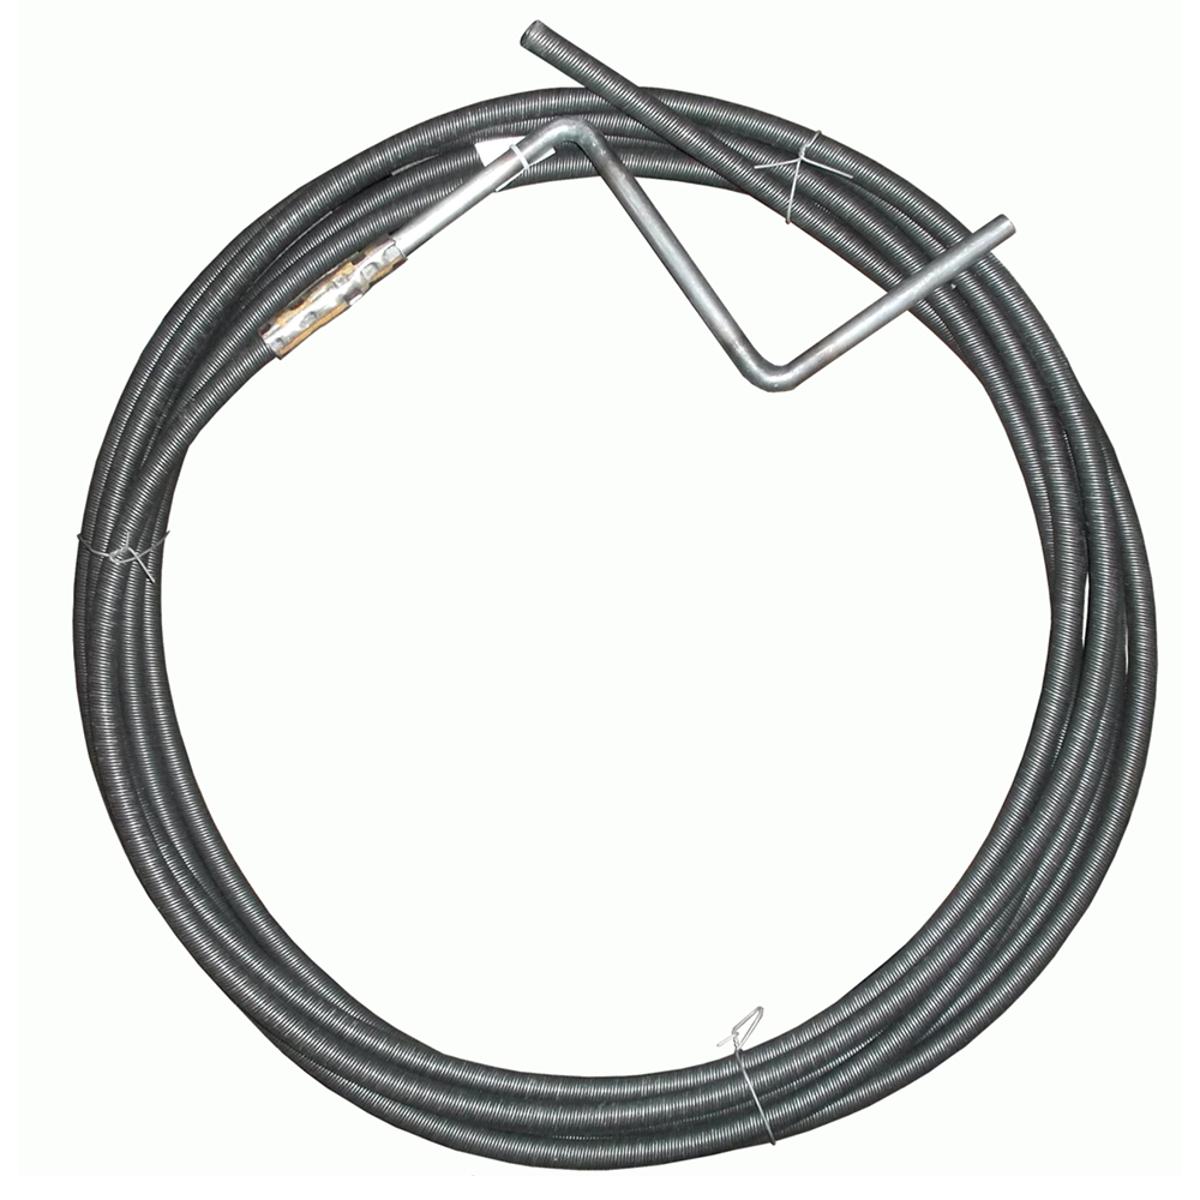 Трос пружинный МастерПроф, для прочистки канализационных труб, 9 мм х 10 м трос пружинный для прочистки канализационных труб masterprof 6 мм х 5 м